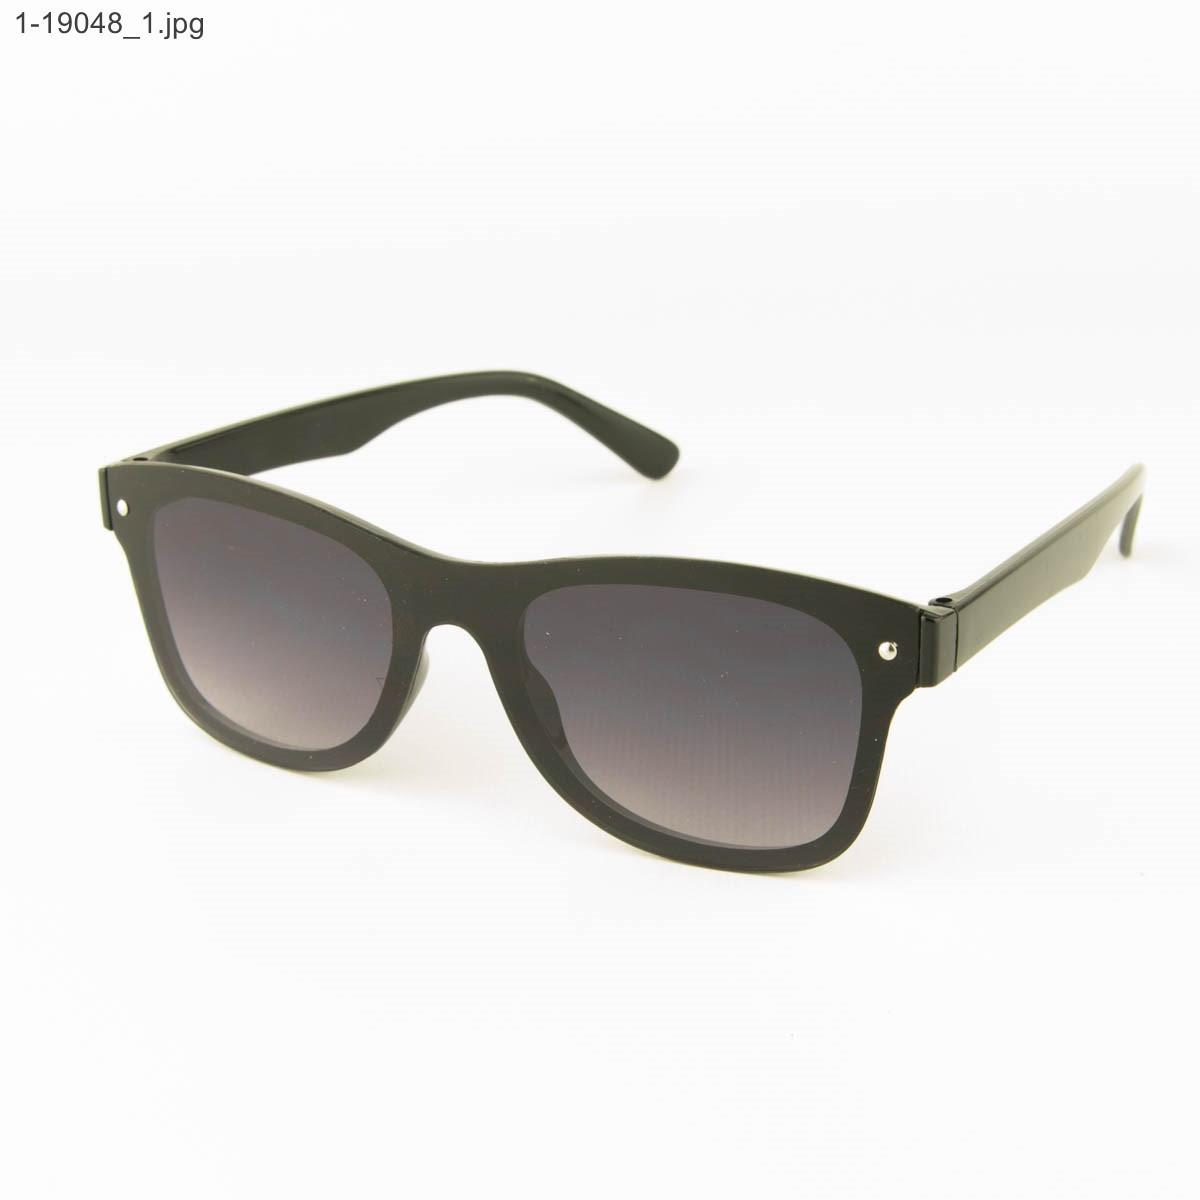 Оптом женские солнцезащитные очки - 1-19048